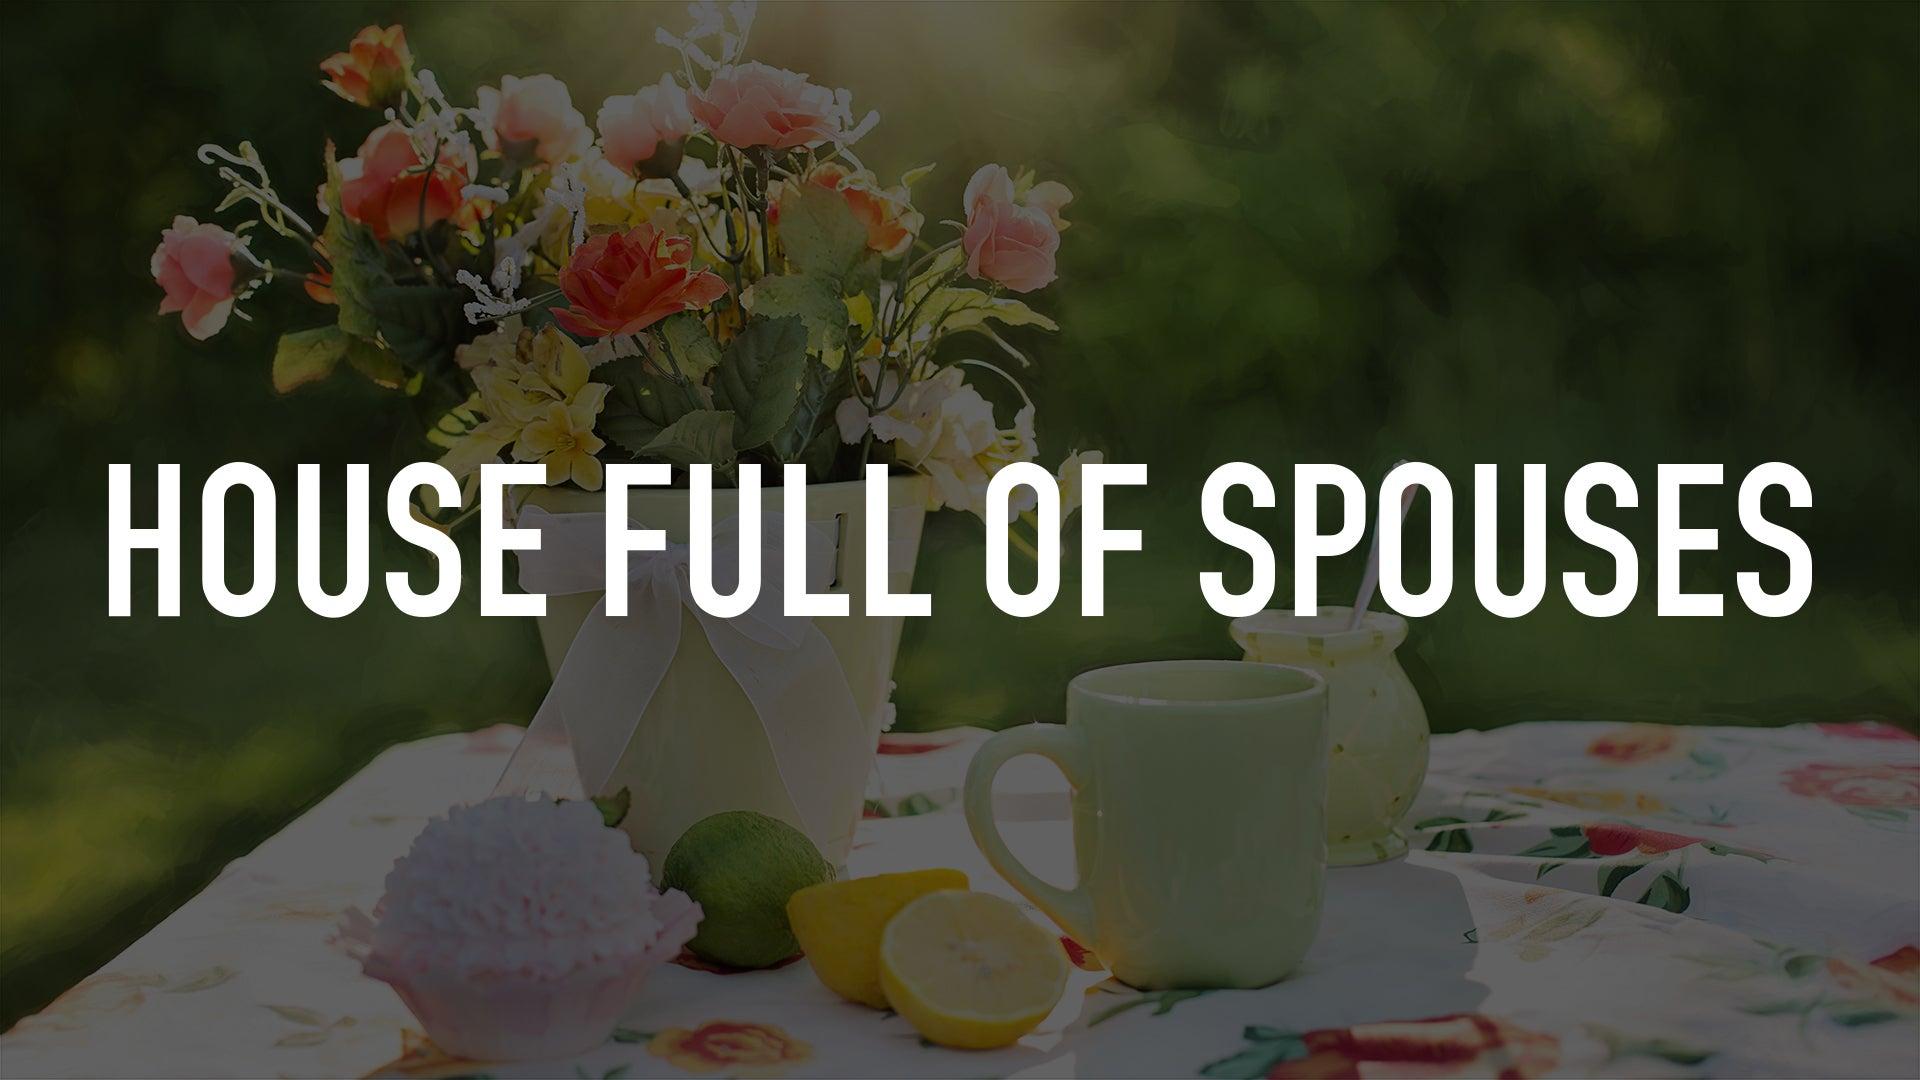 House Full of Spouses